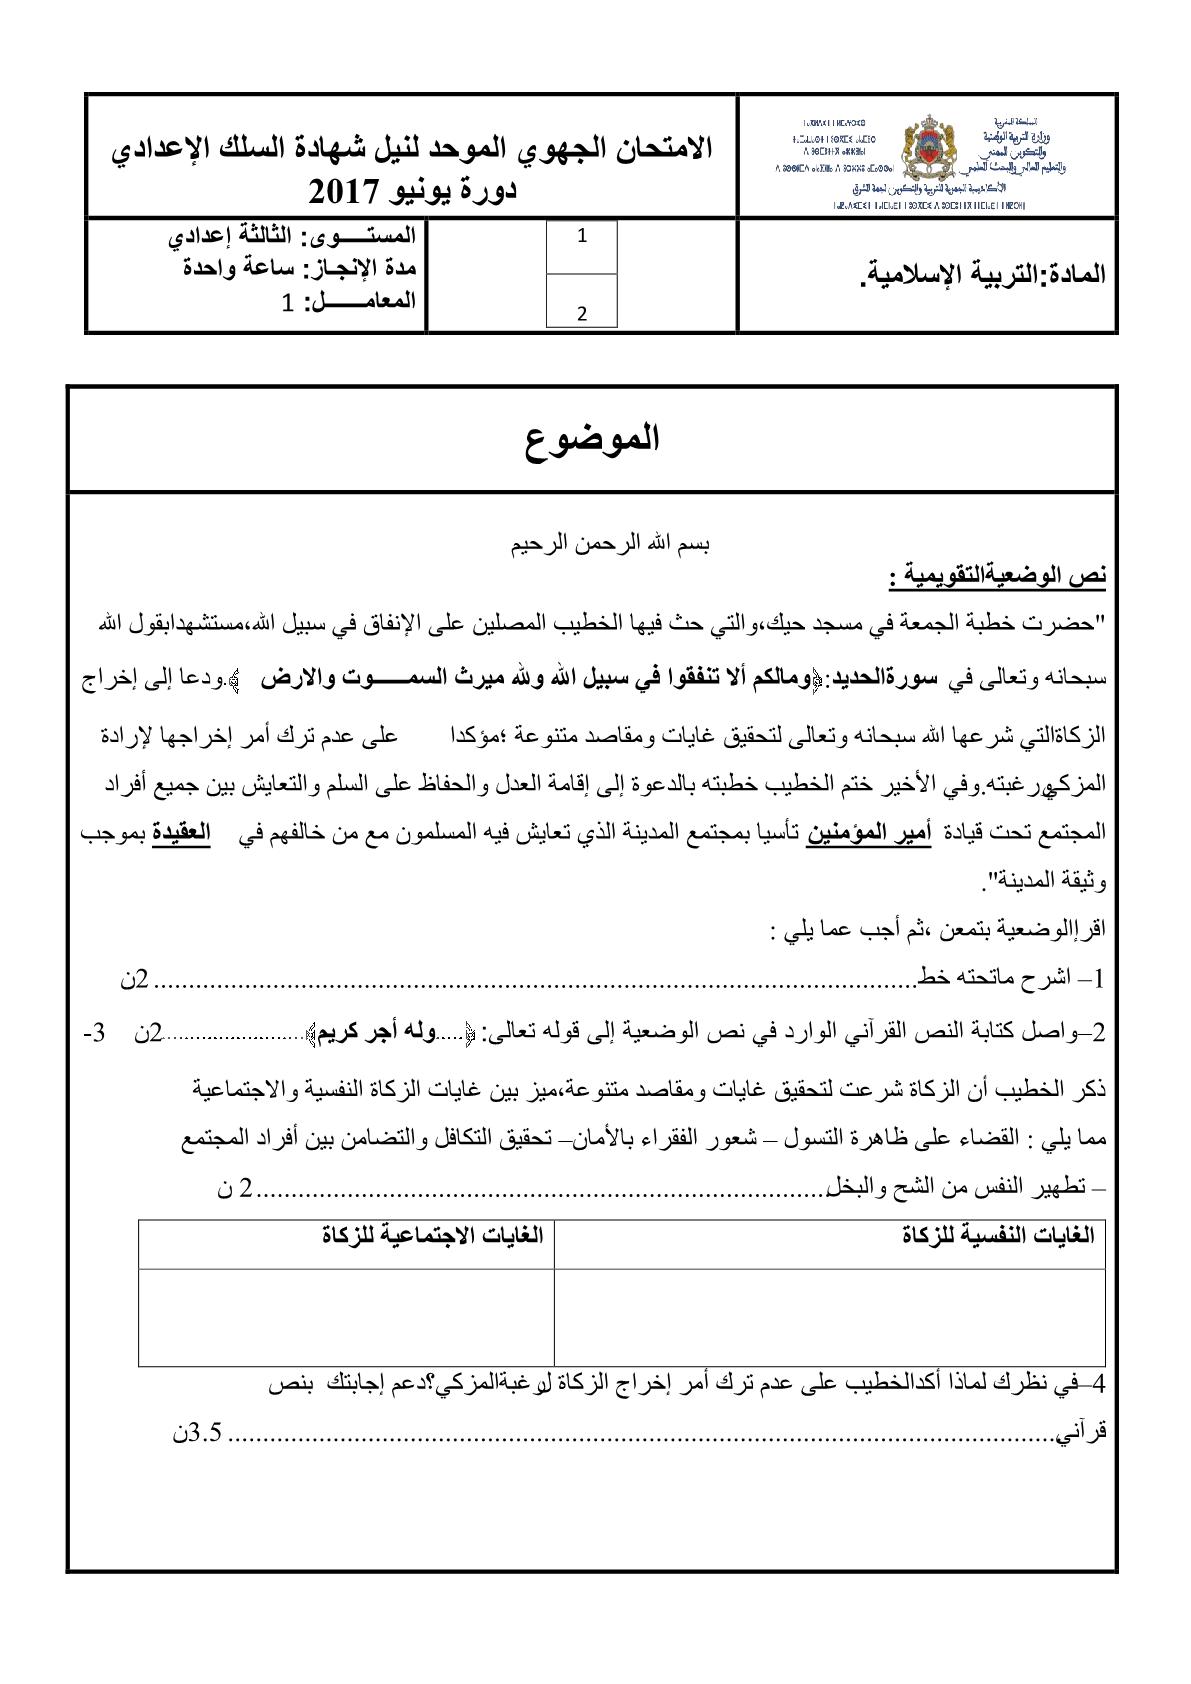 الامتحان الجهوي لسنة 2017 جهة الشرق الثالثة إعدادي